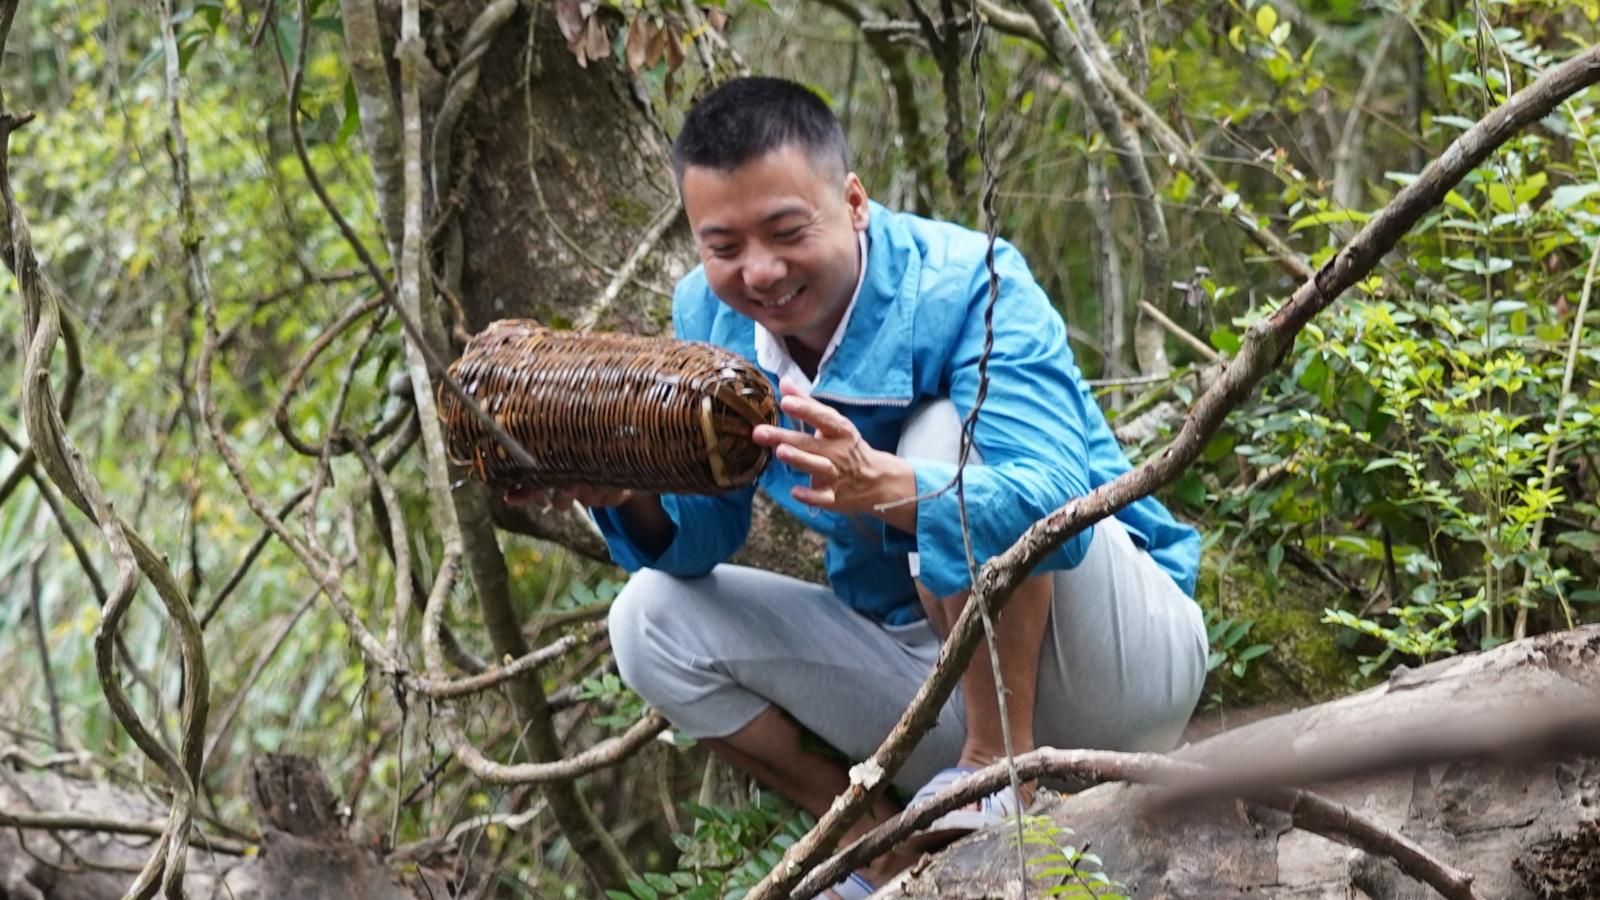 华农兄弟:放几个地笼,装点螃蟹来吃,顺便摘点板栗